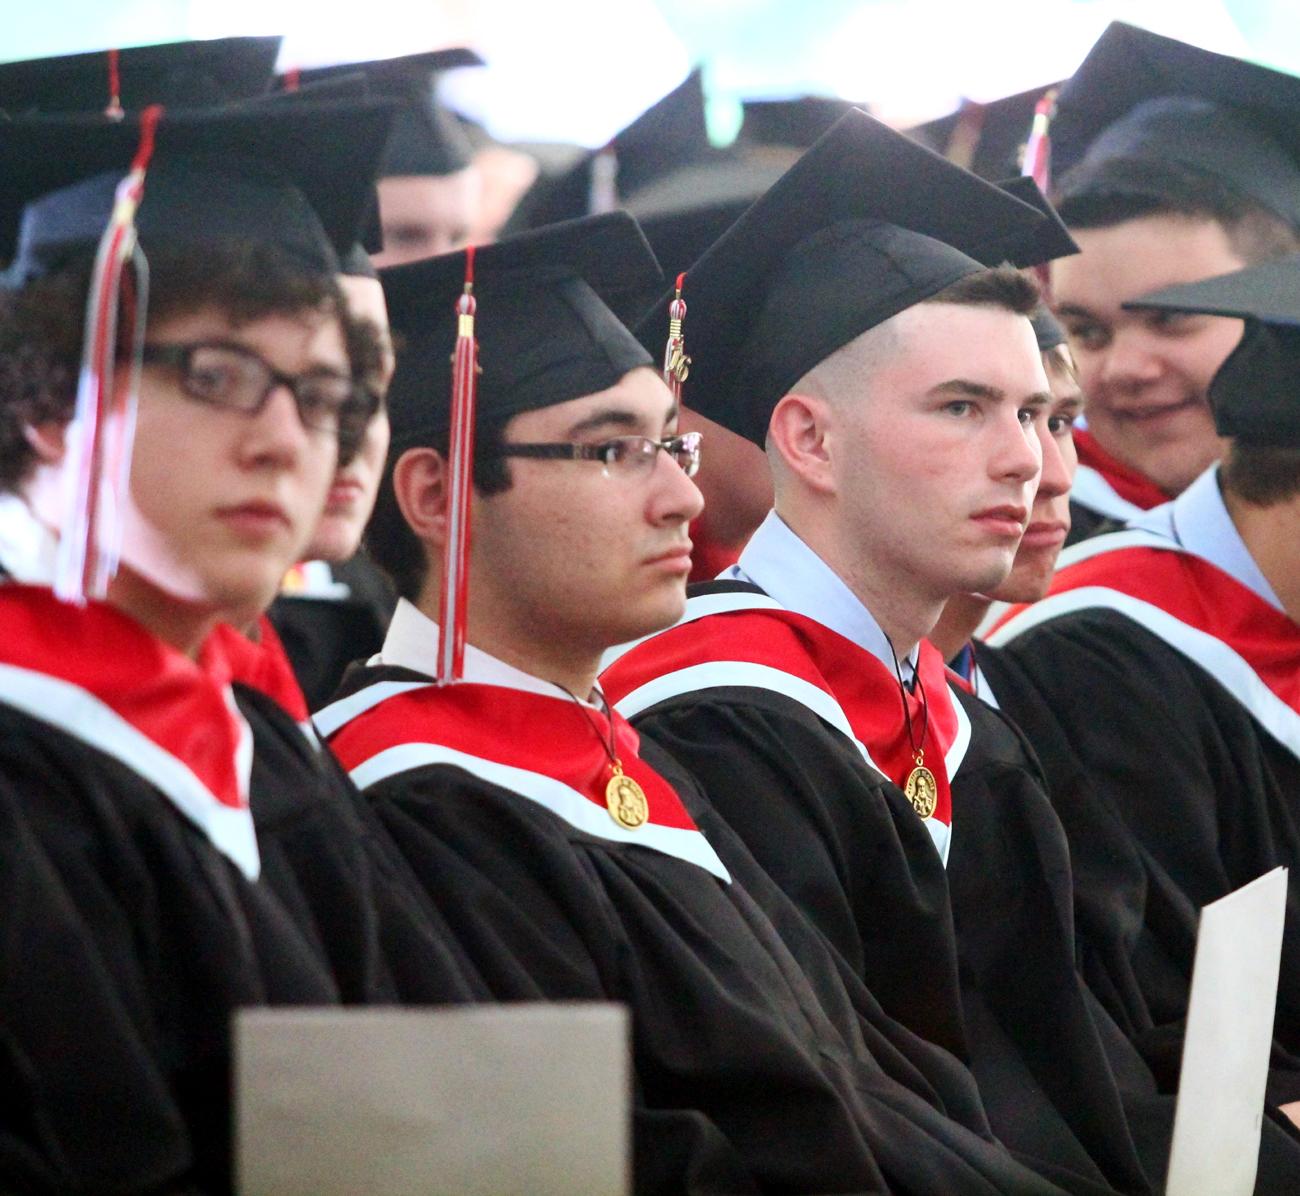 High School Class President Commencement Speeches | just b ...